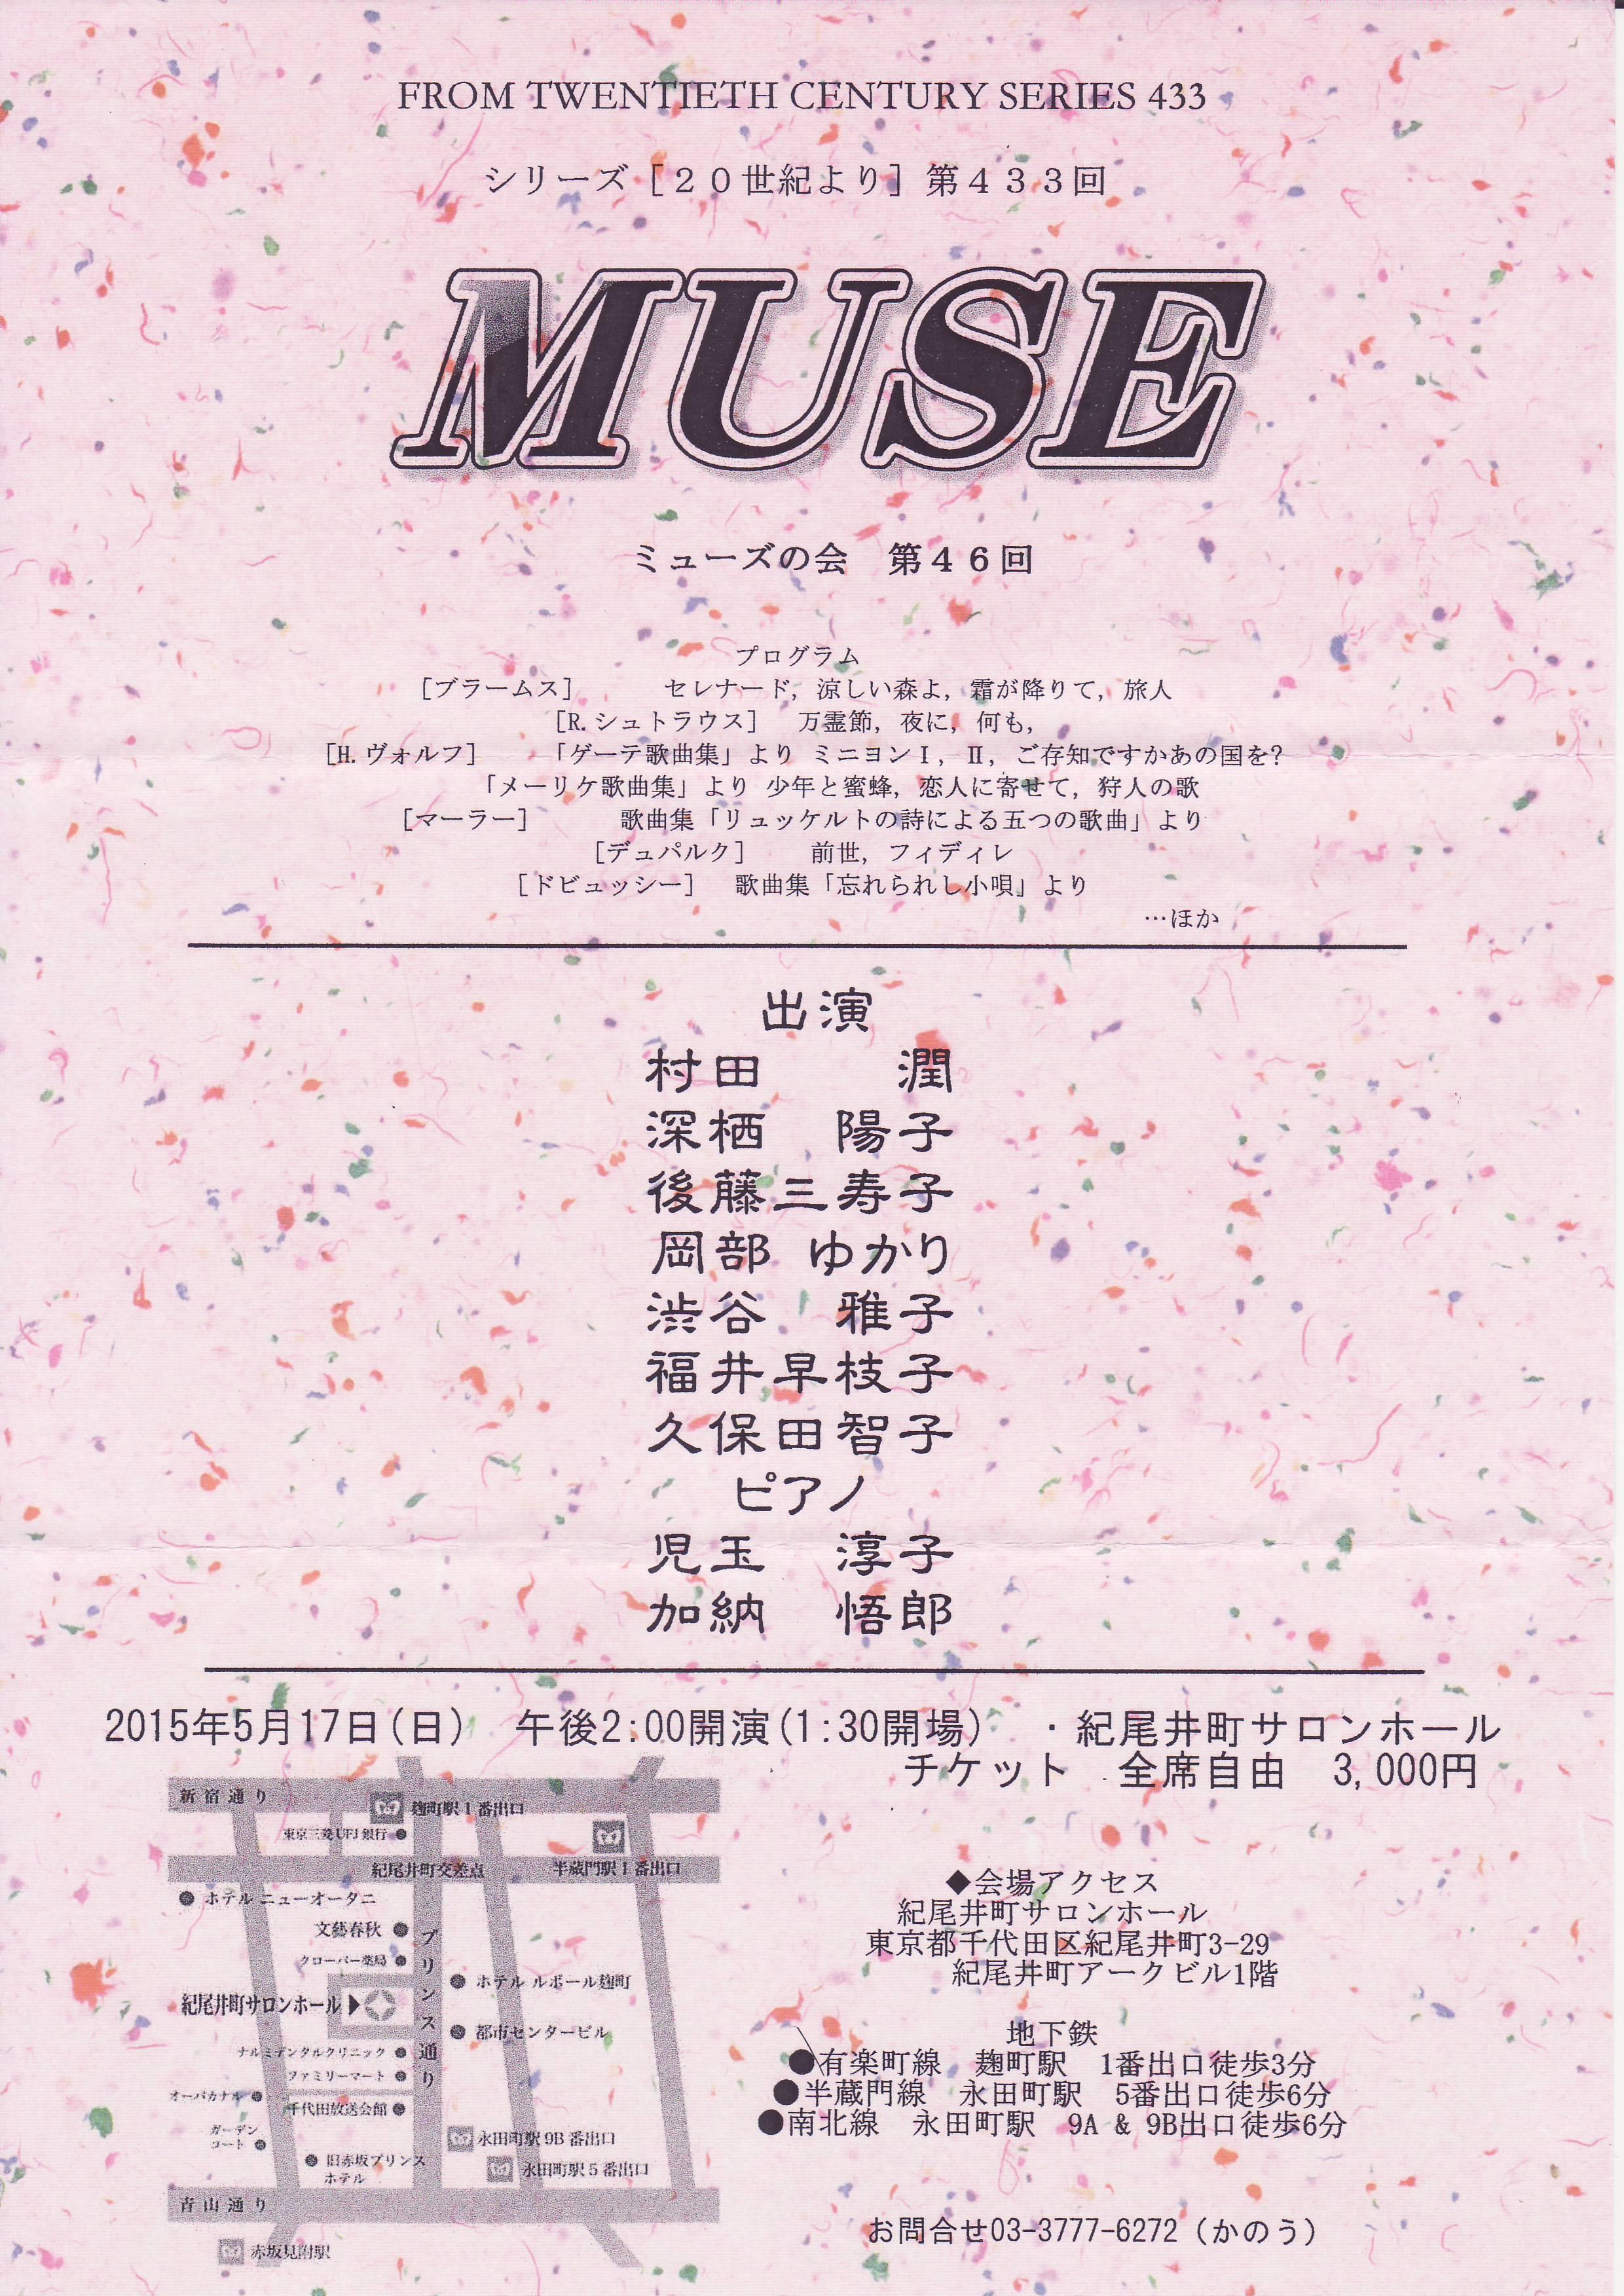 福井早枝子65期2014.5.17コンサート